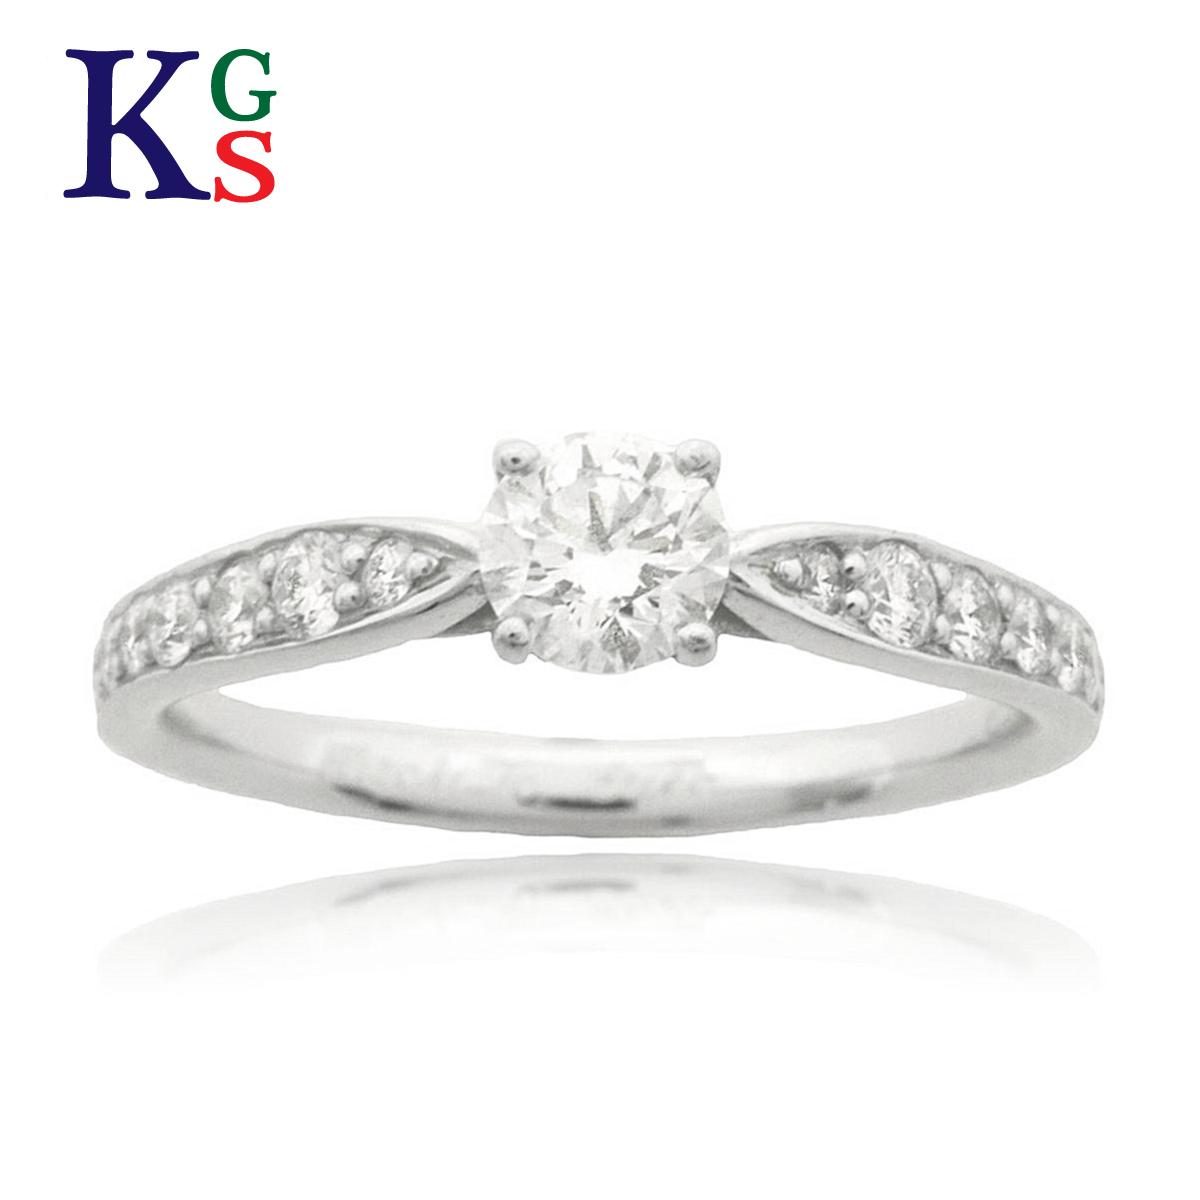 【ギフト品質】【名入れ】【0.24ct】ティファニー/Tiffany&co エンゲージリング 婚約指輪 ハーモニー ビーズセッティング ダイヤ Pt950 プラチナ